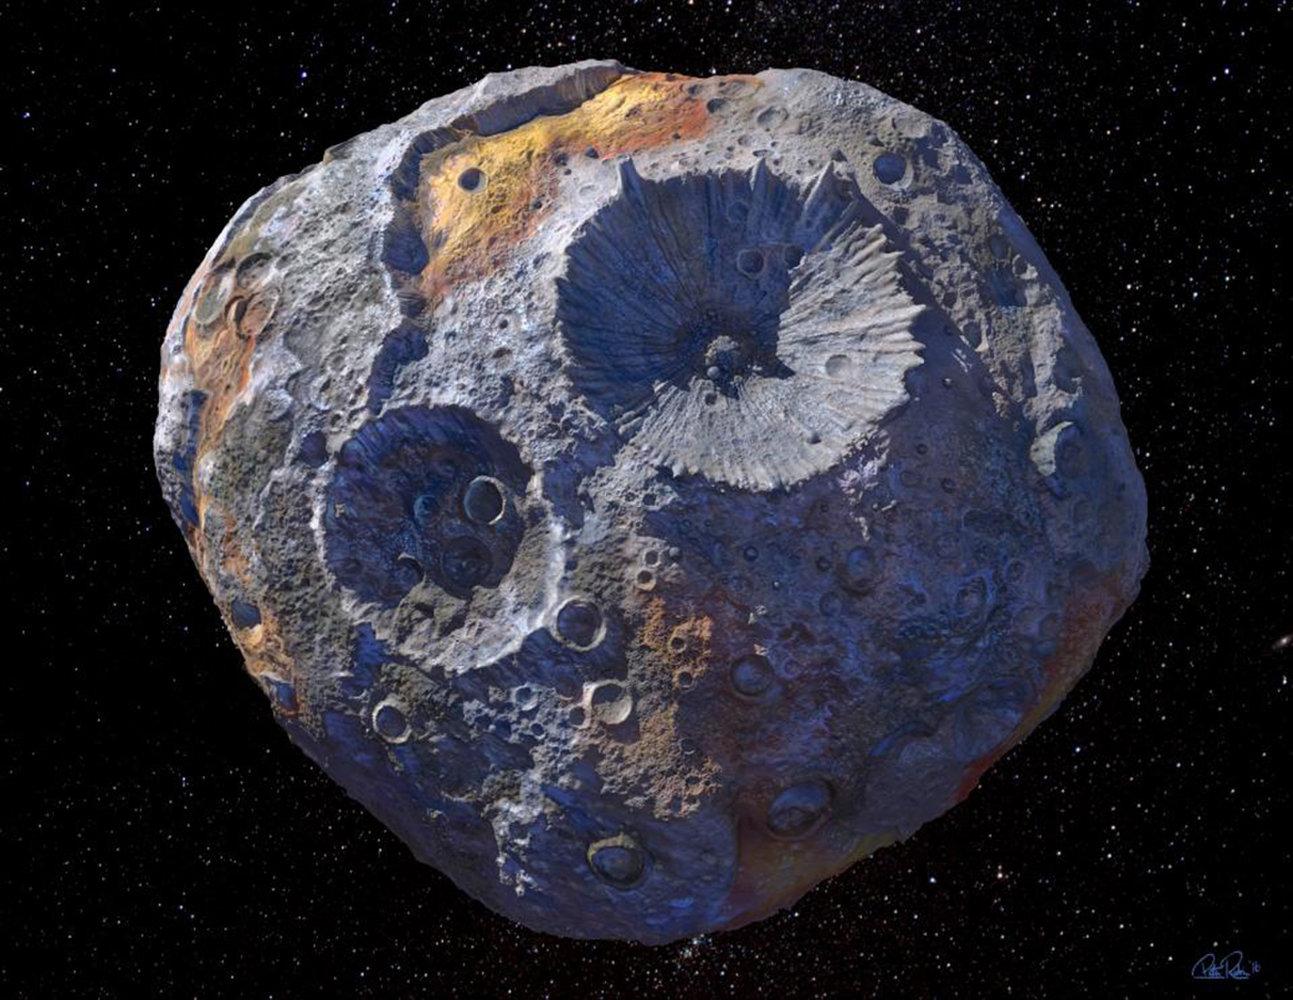 微生物を使って岩石からレアアースを抽出、ISSの実験で成功